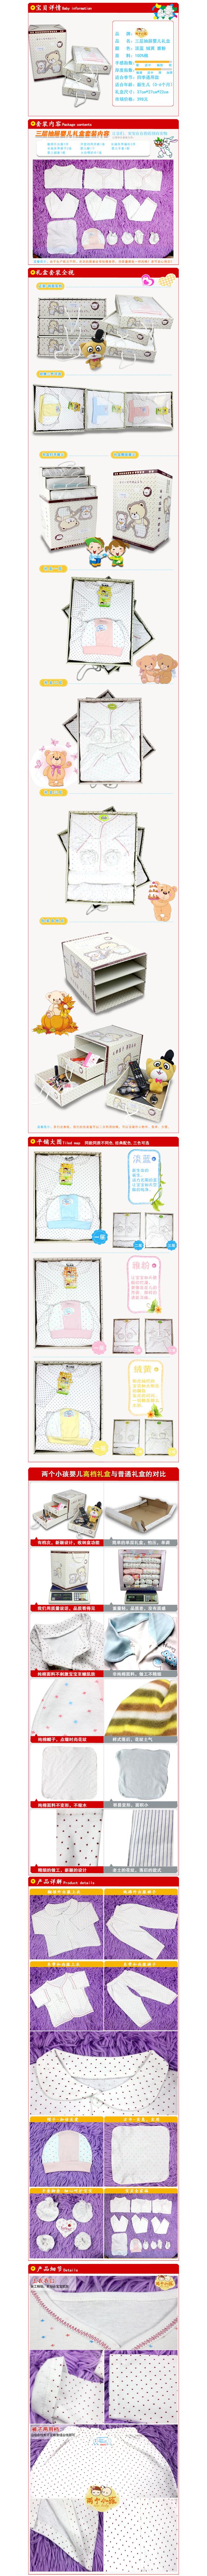 婴儿服装宝贝详情页面设计模板素材下载-童装-淘宝